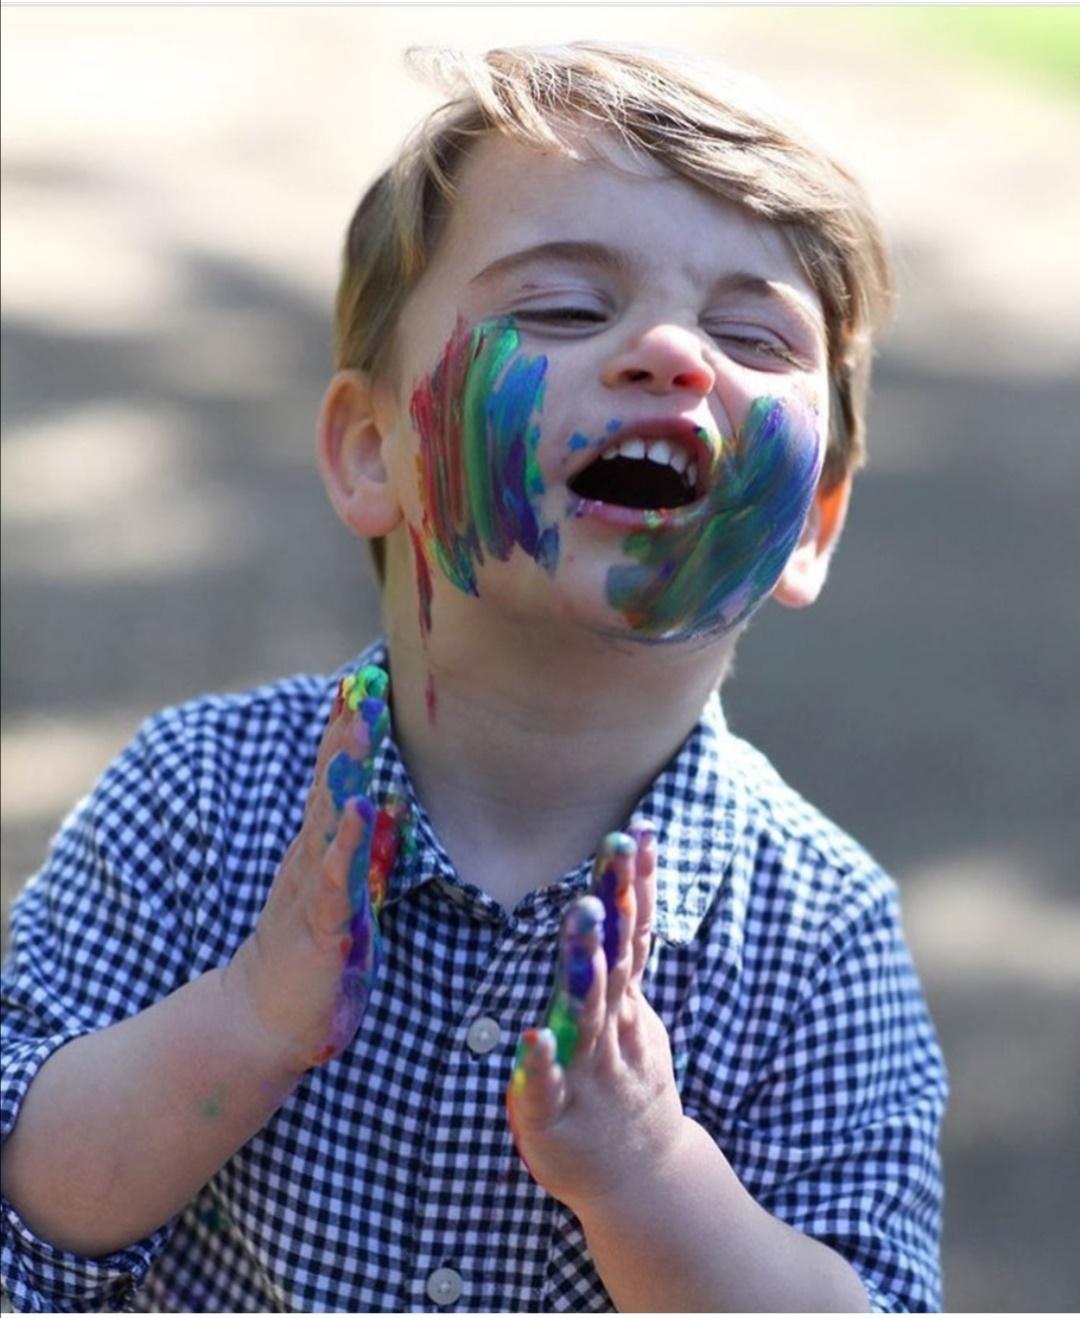 صورة الأمير لويس العام الماضي -الصورة من إنستغرام